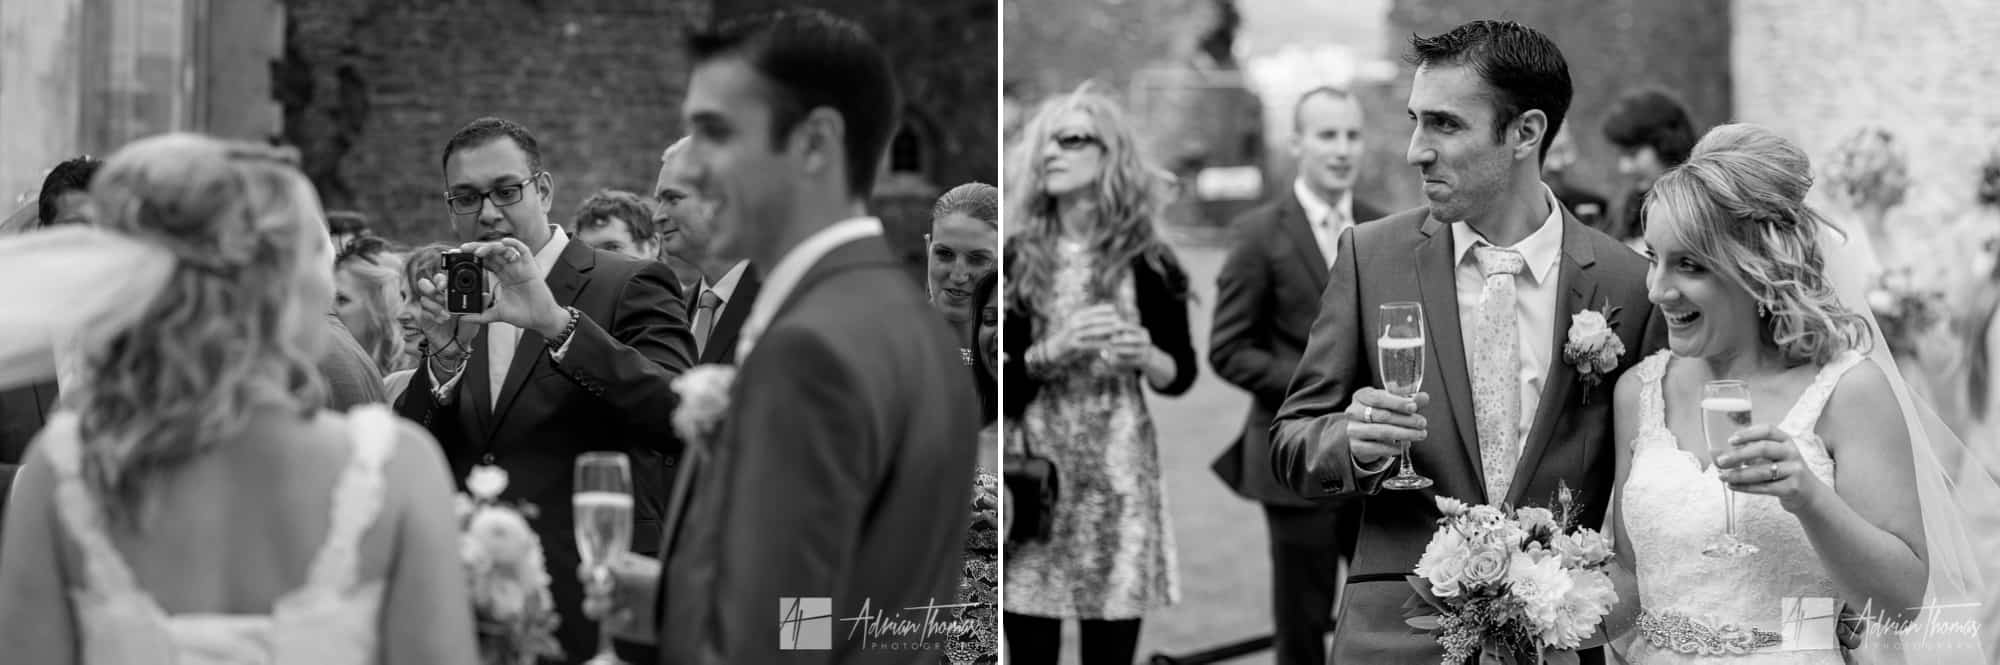 Wedding couple having their photo taken.